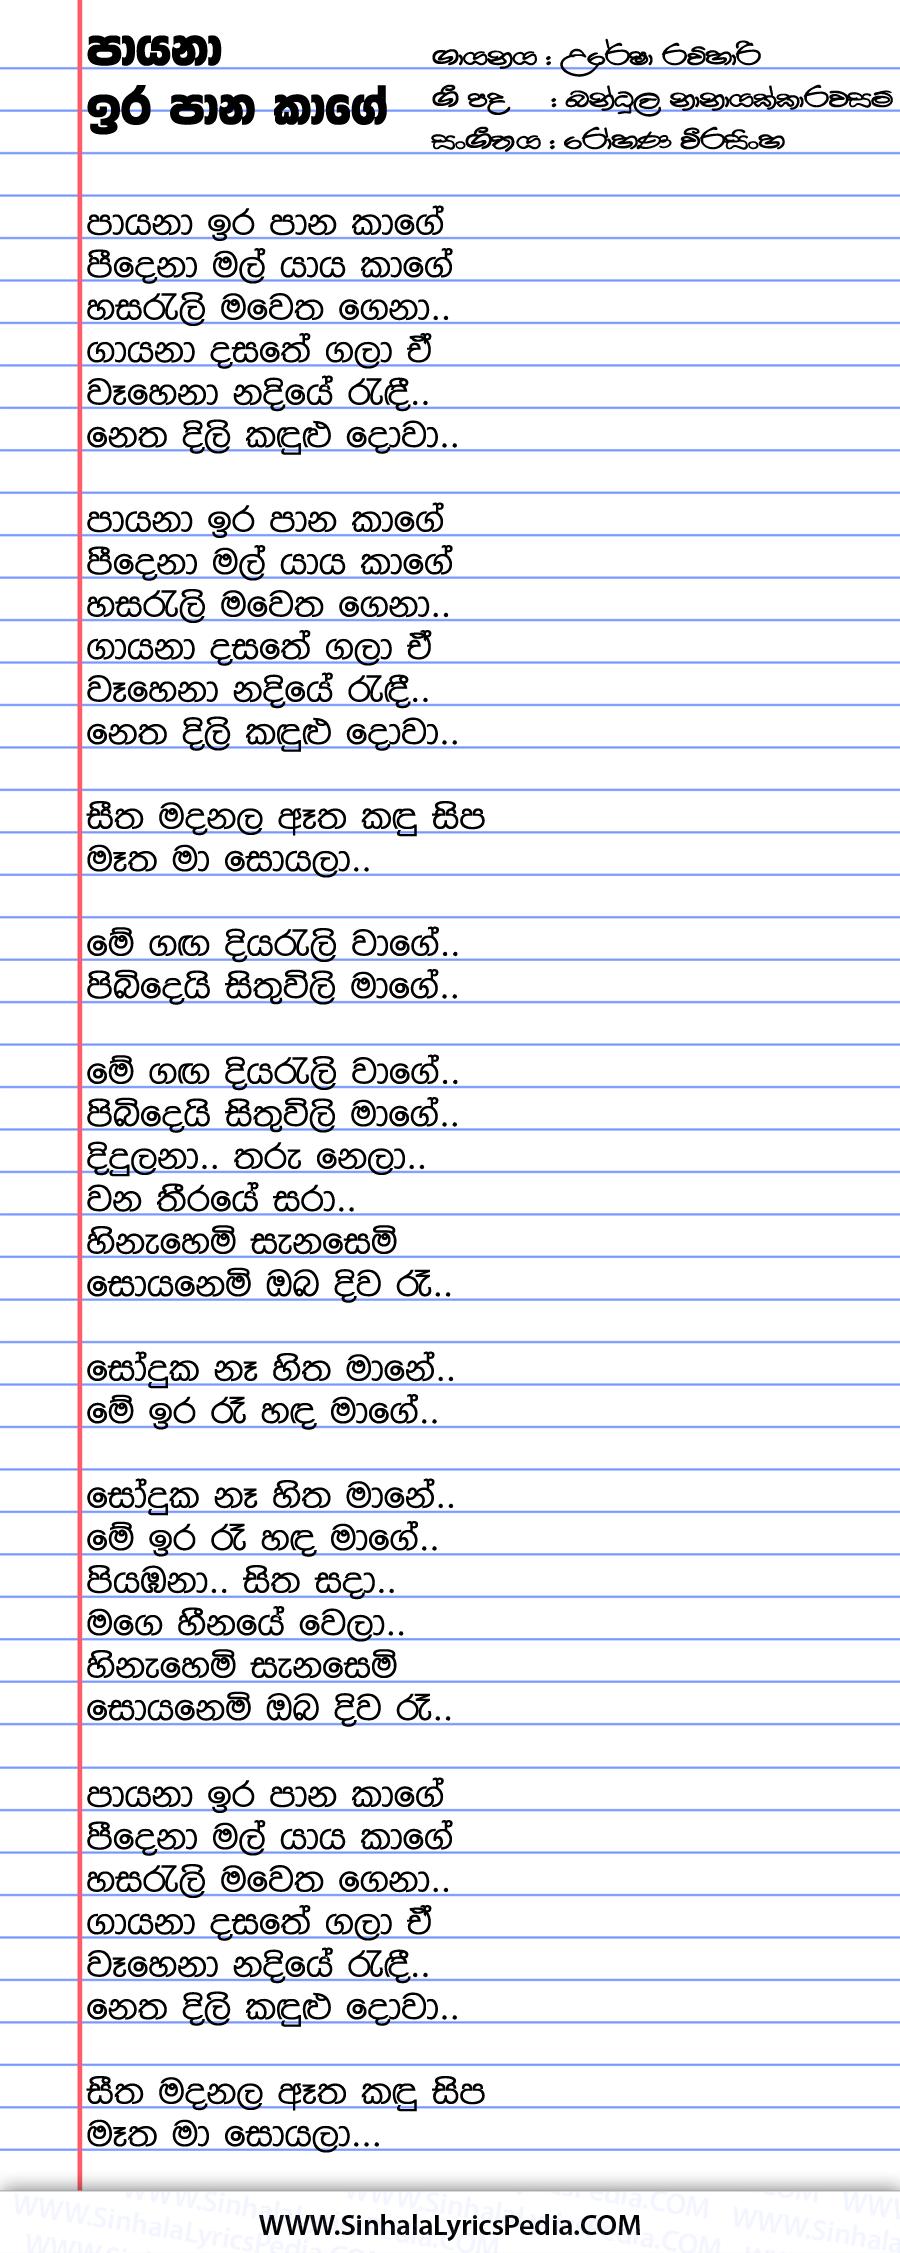 Payana Ira Pana Kage Song Lyrics